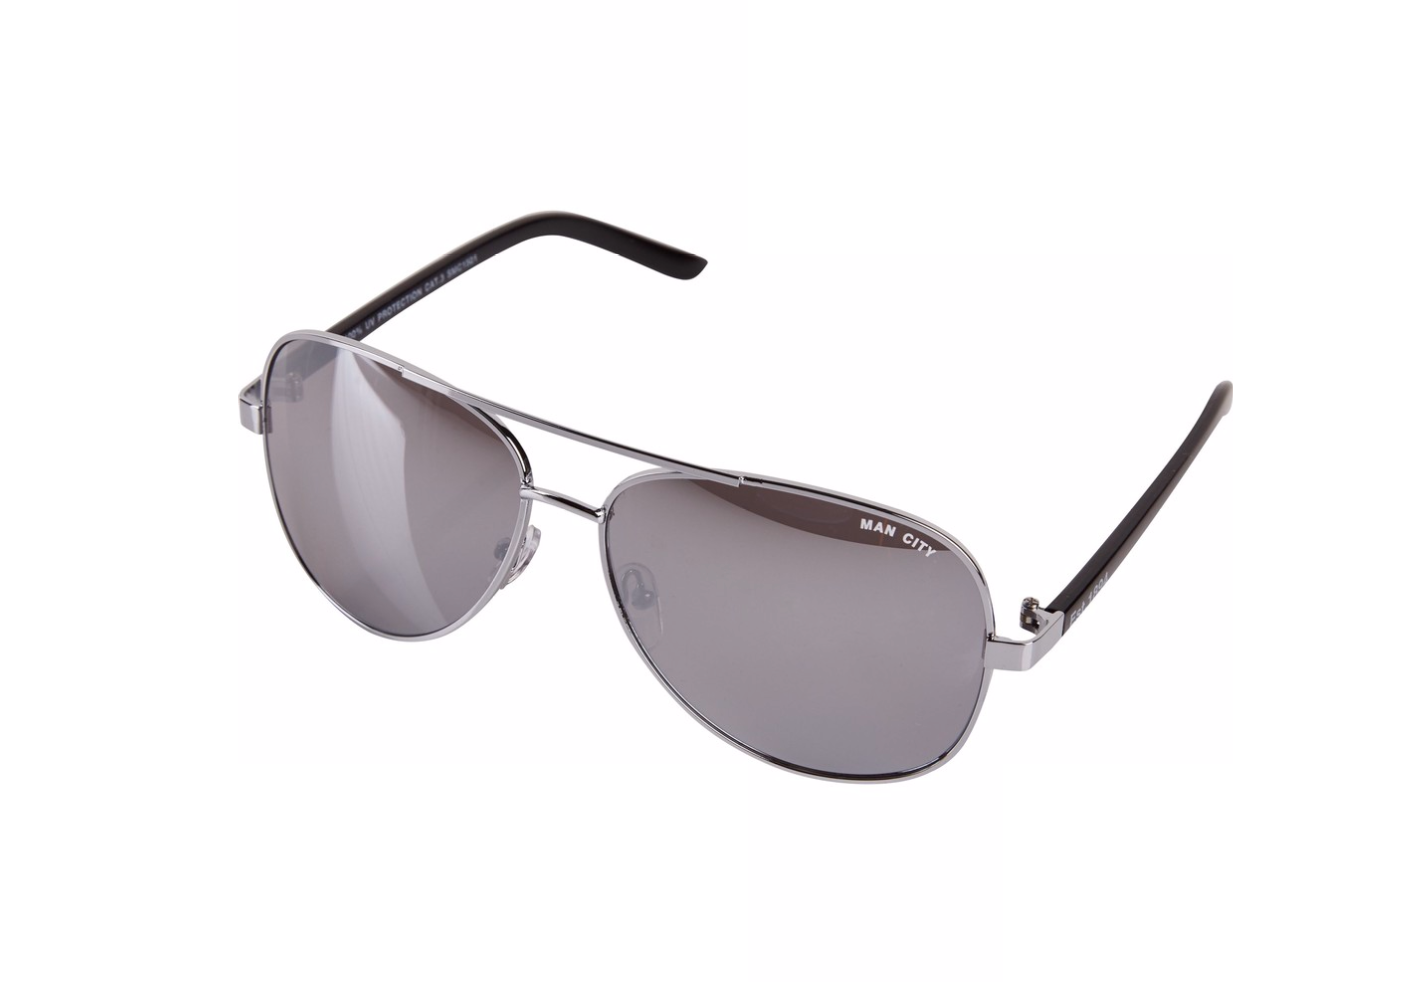 แว่นกันแดดแมนเชสเตอร์ ซิตี้ Aviator Sunglasses Adult ของแท้